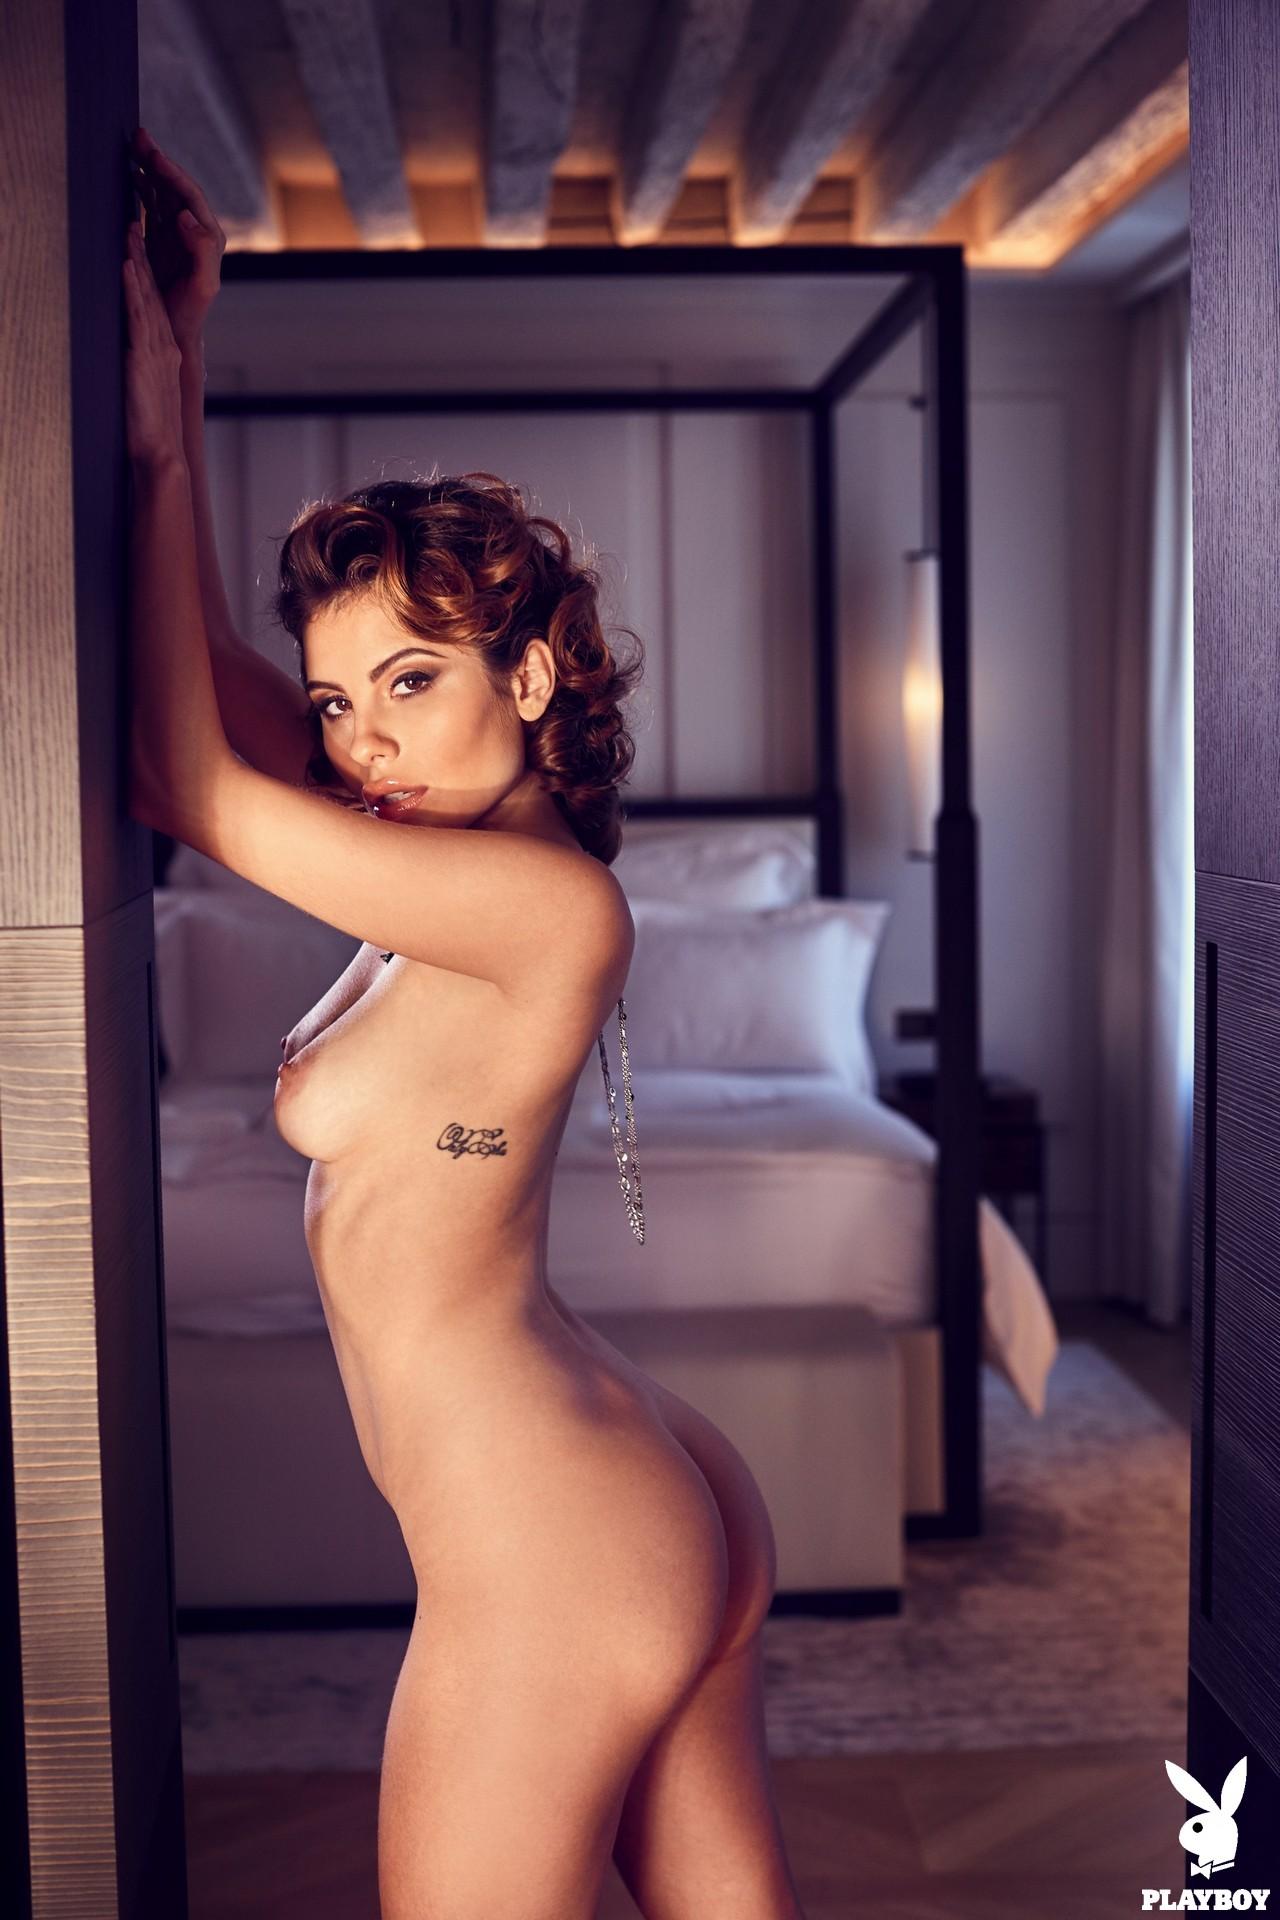 Chiara Arrighi in Playboy Germany Vol. 3 - Playboy Plus 4